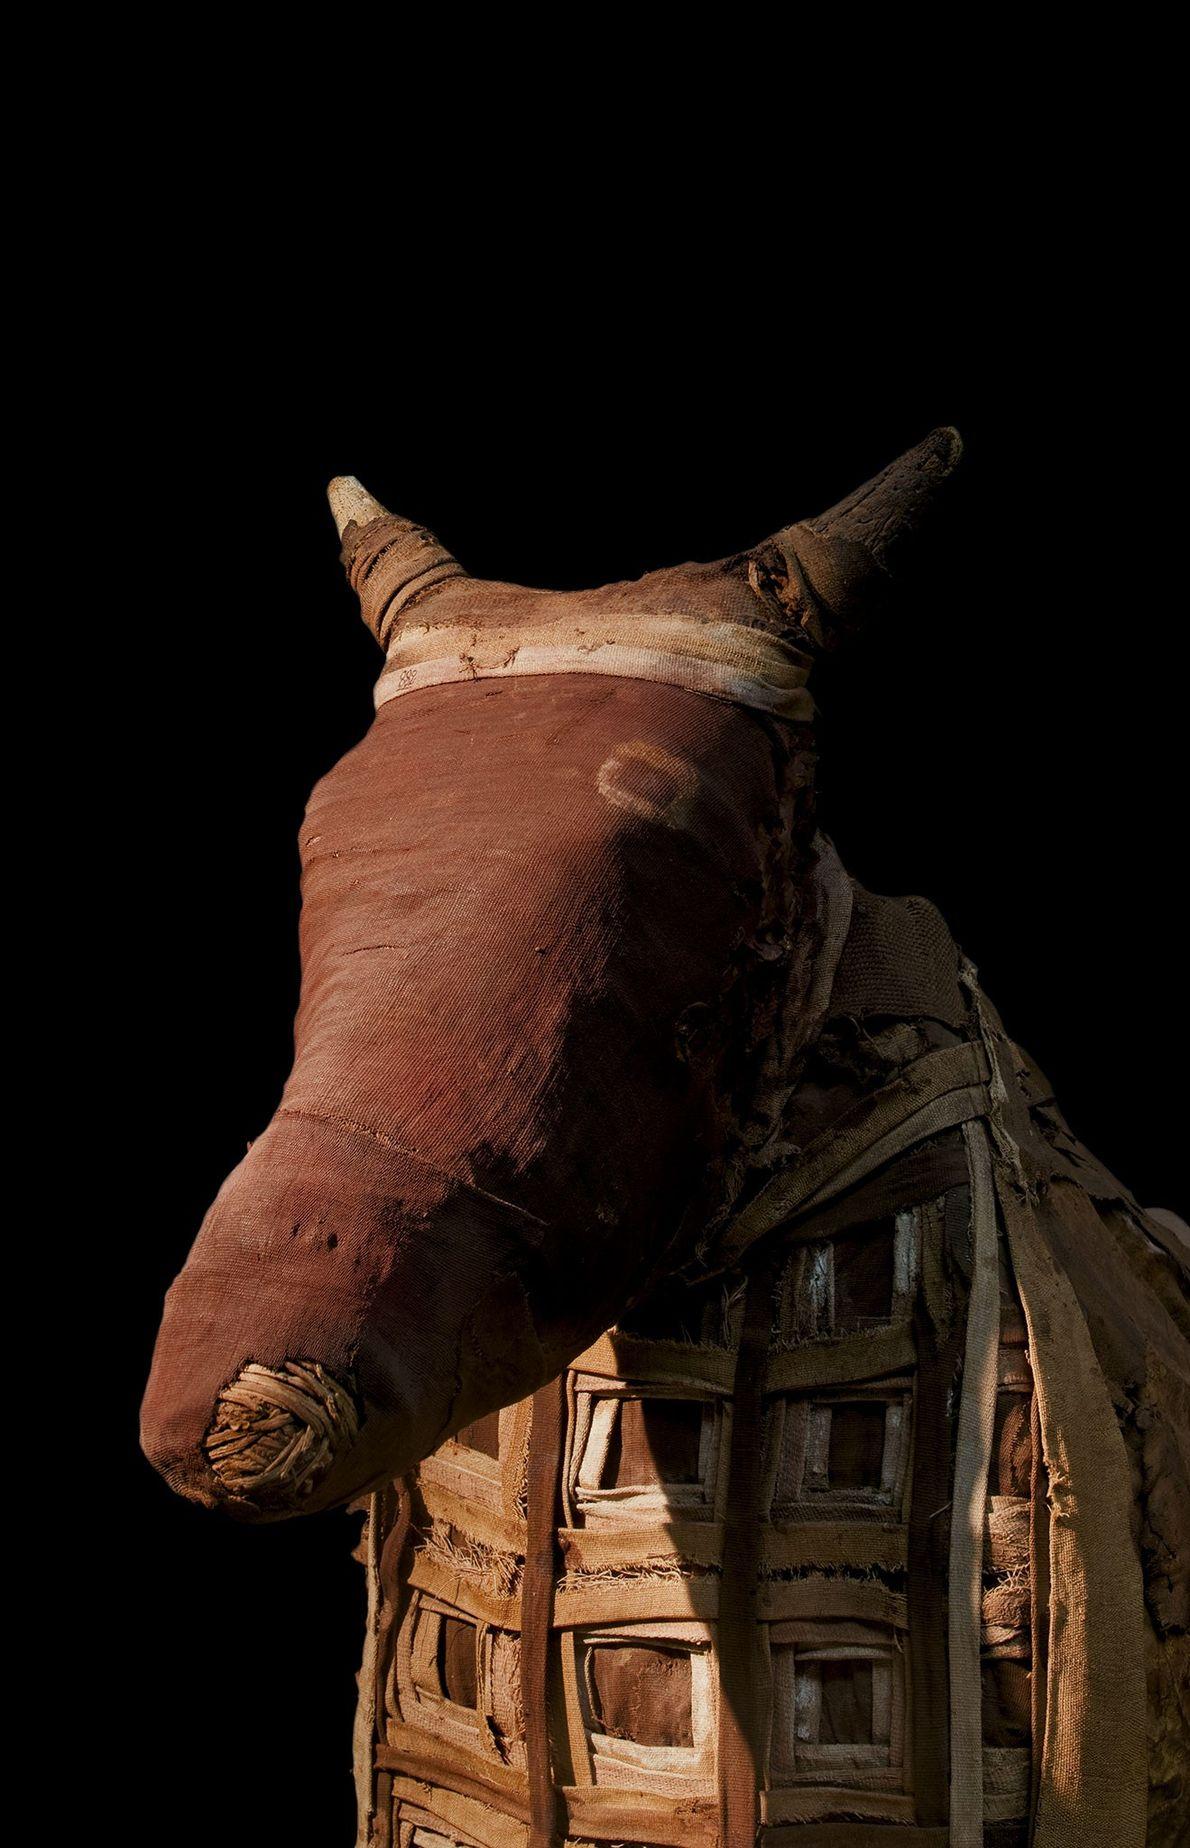 Le caractère sacré des trois taureaux s'étendait à leurs mères, qui furent préparées pour la vie ...